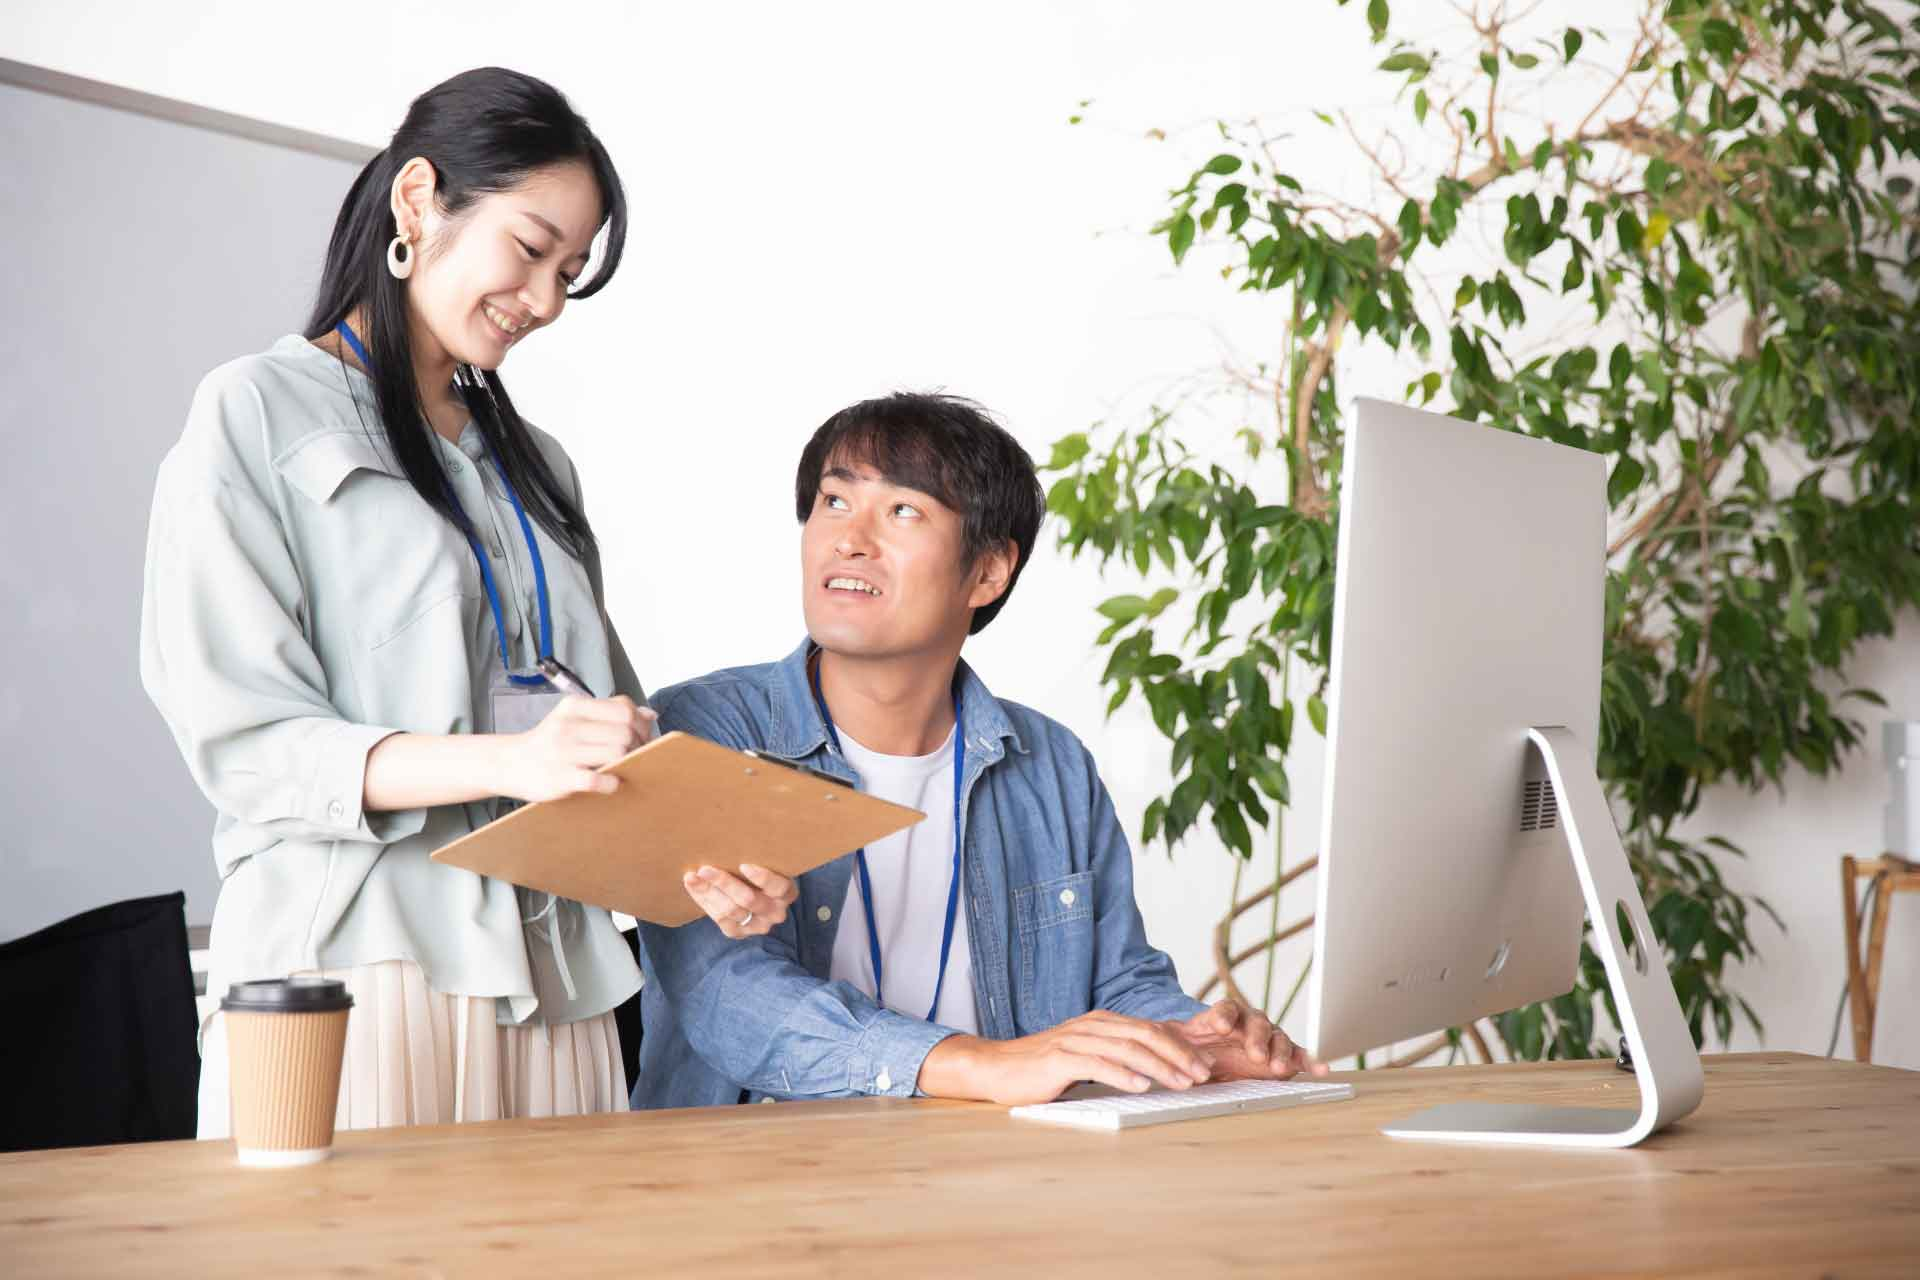 作業中の男性に話しかける女性